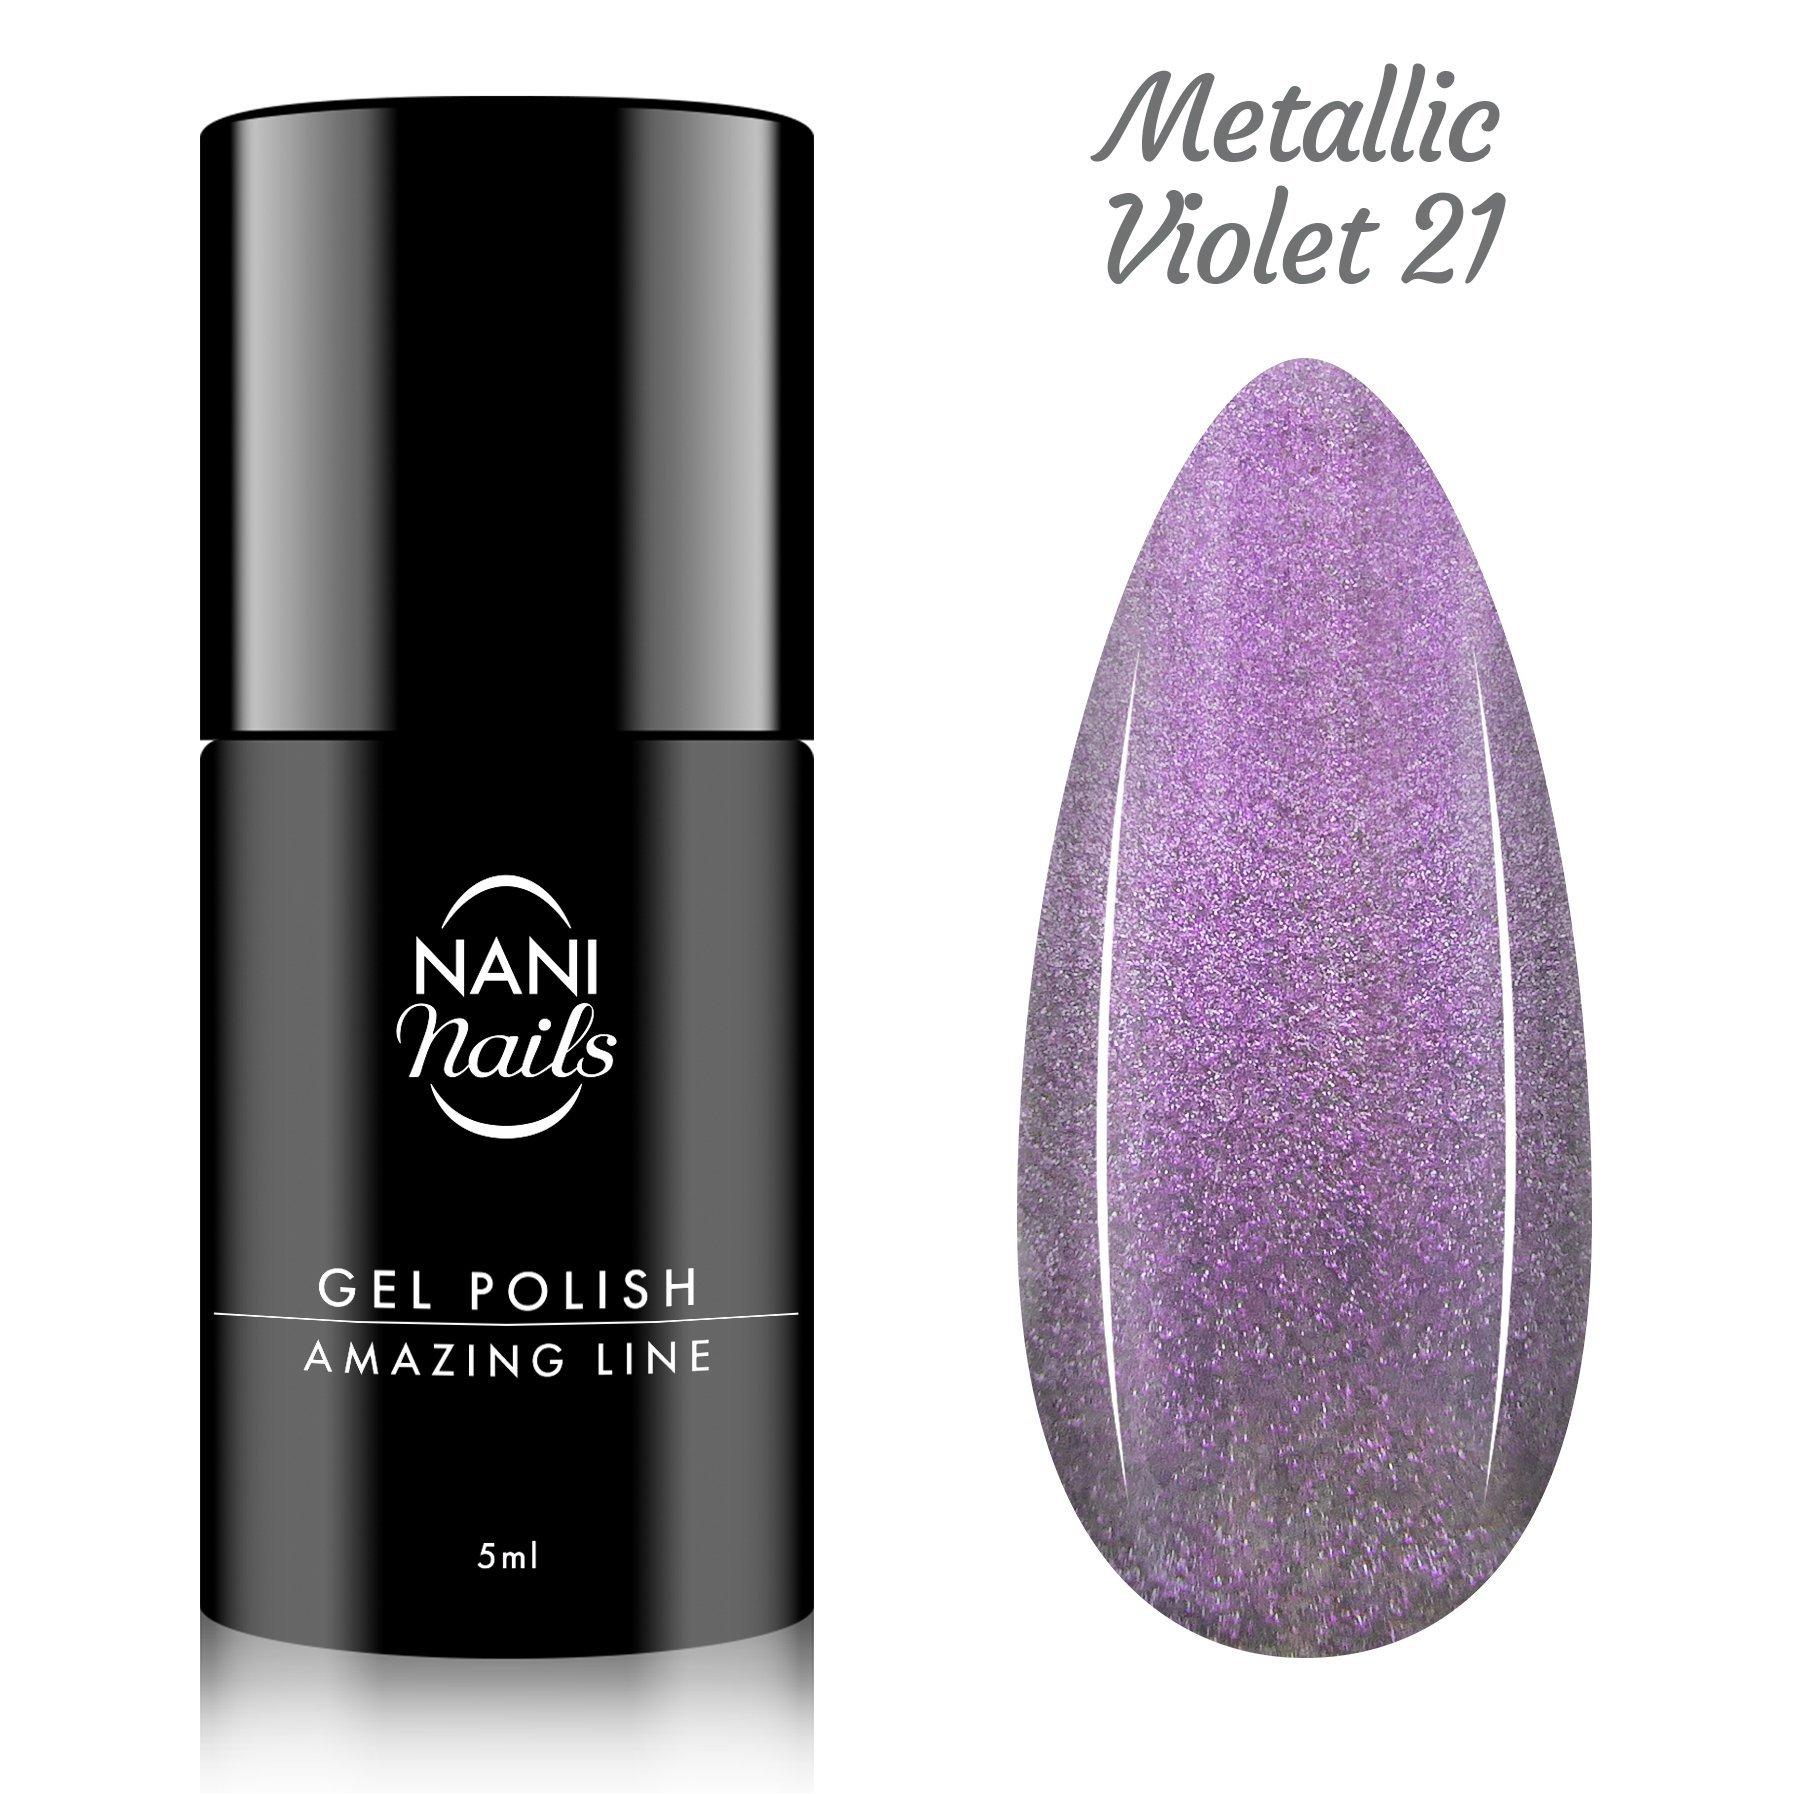 NANI gél lak Amazing Line 5 ml - Metallic Violet